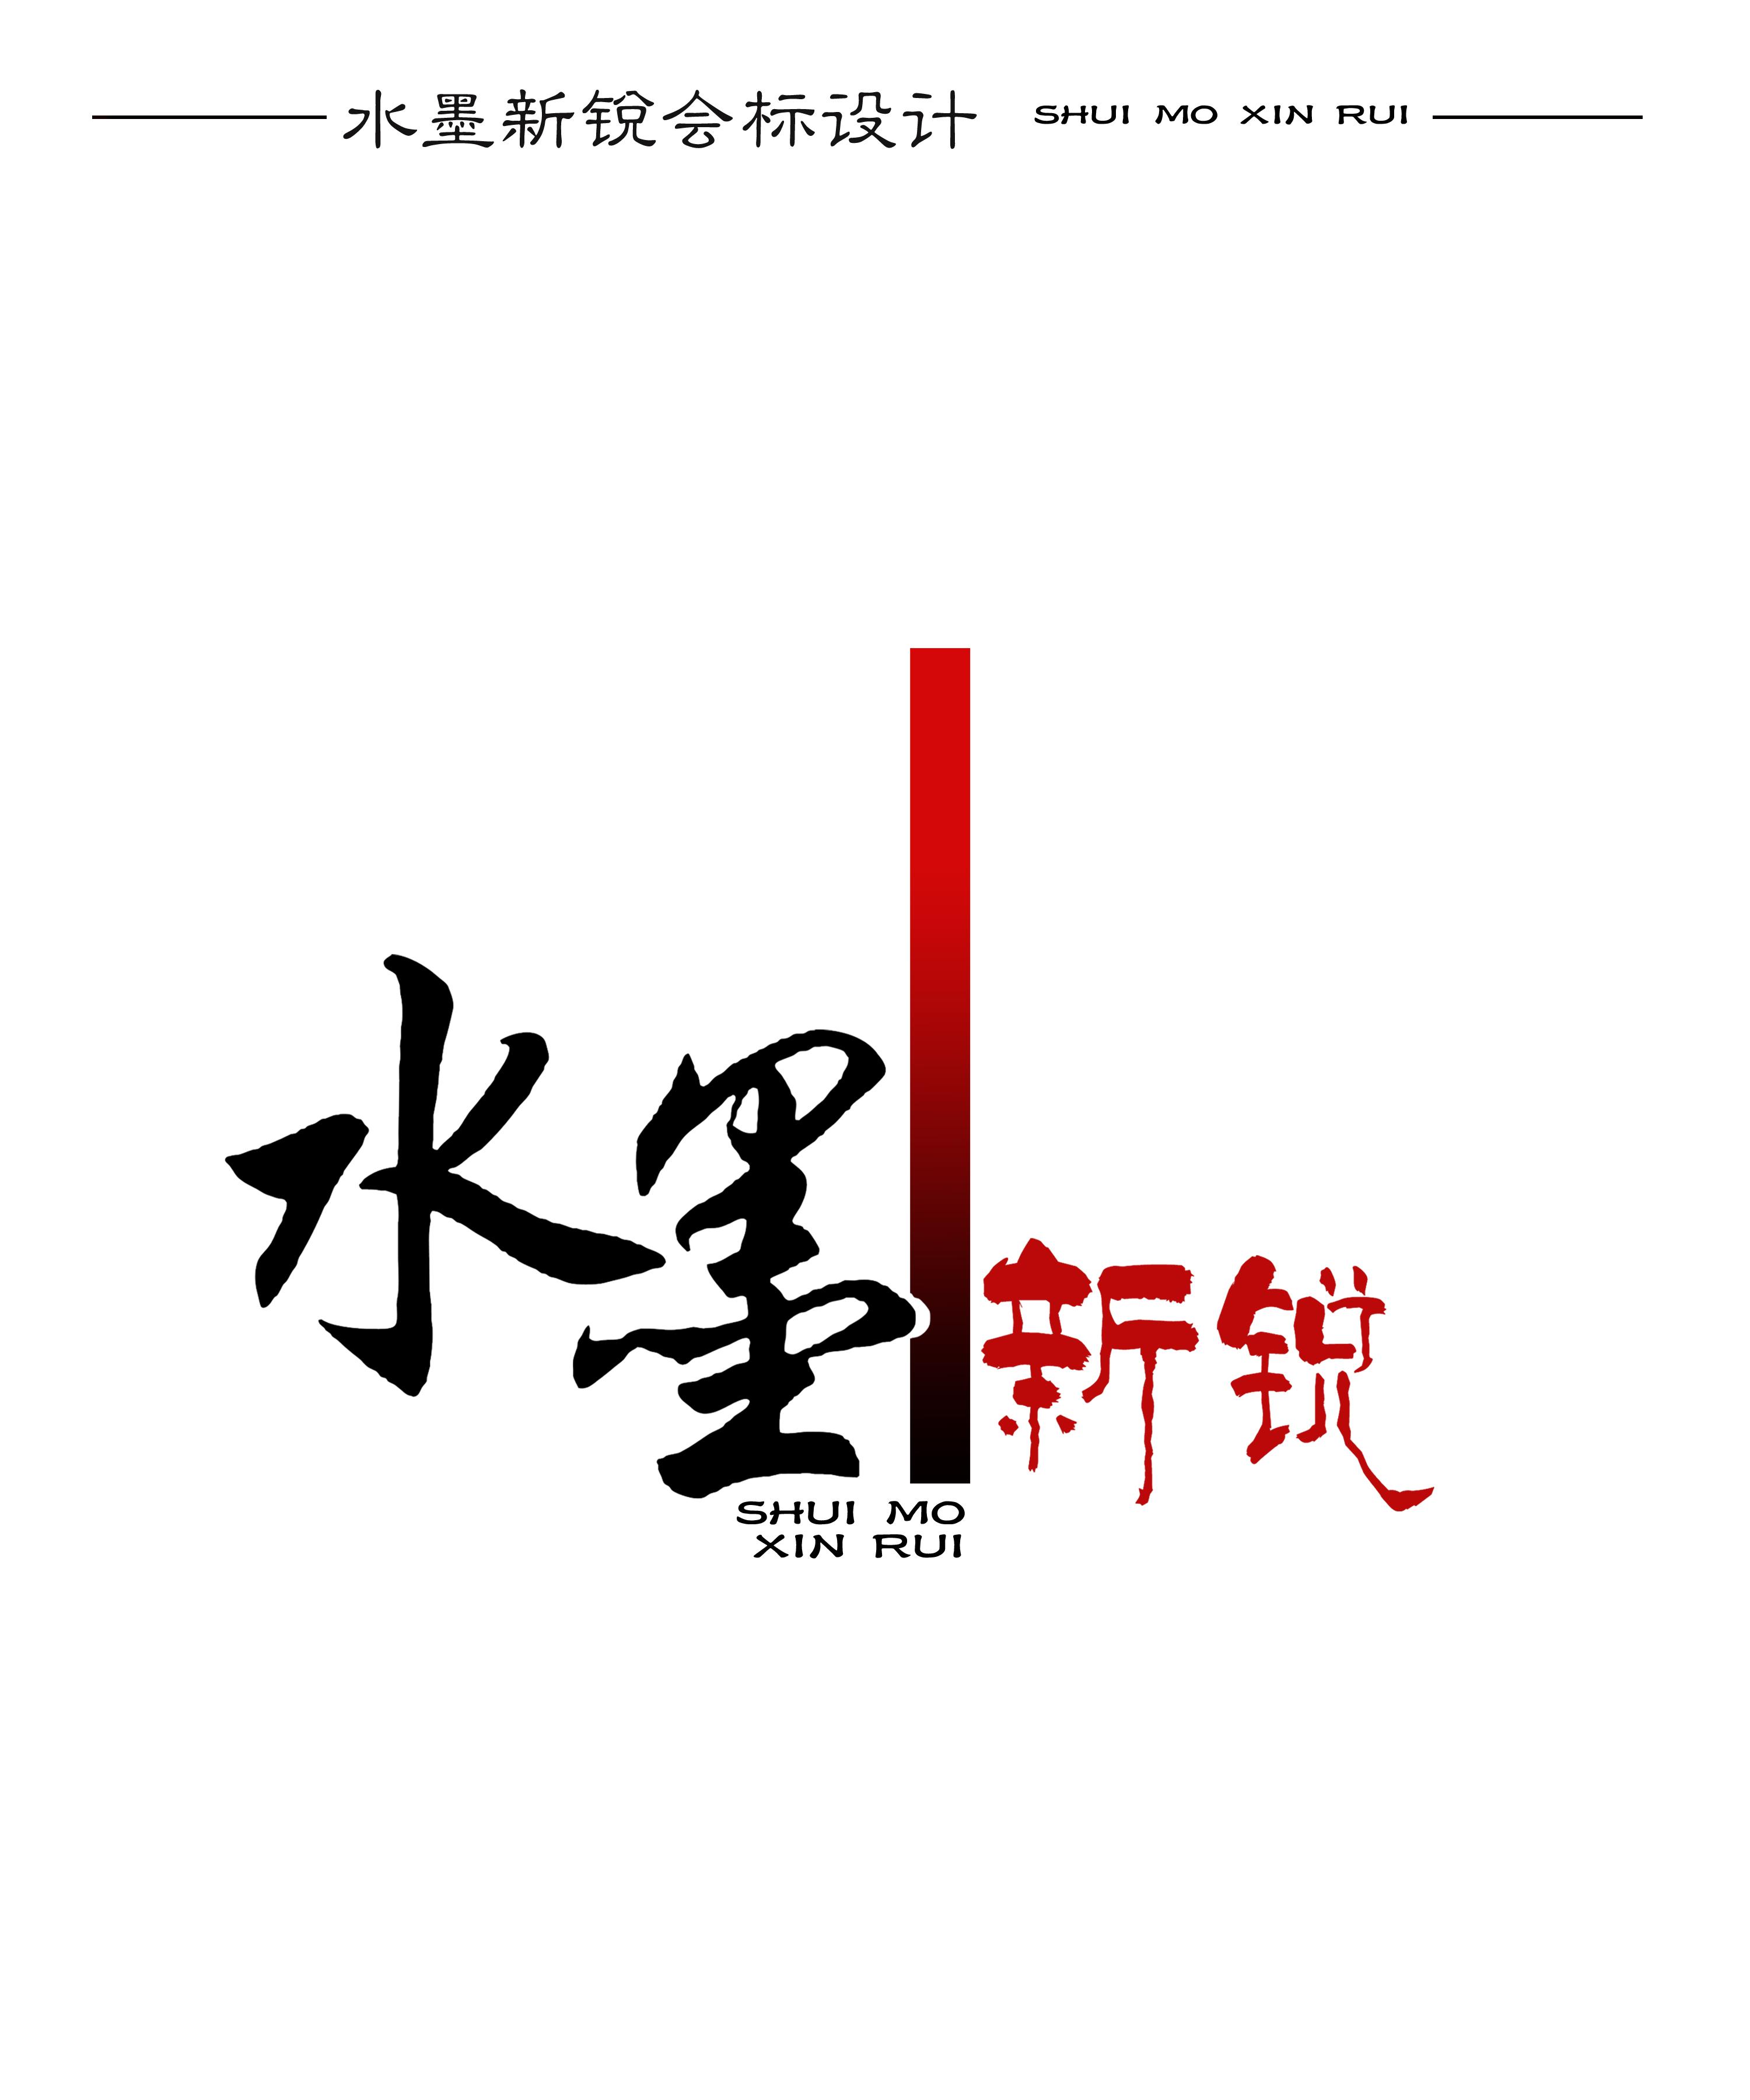 logo logo 标志 设计 矢量 矢量图 素材 图标 3000_3600